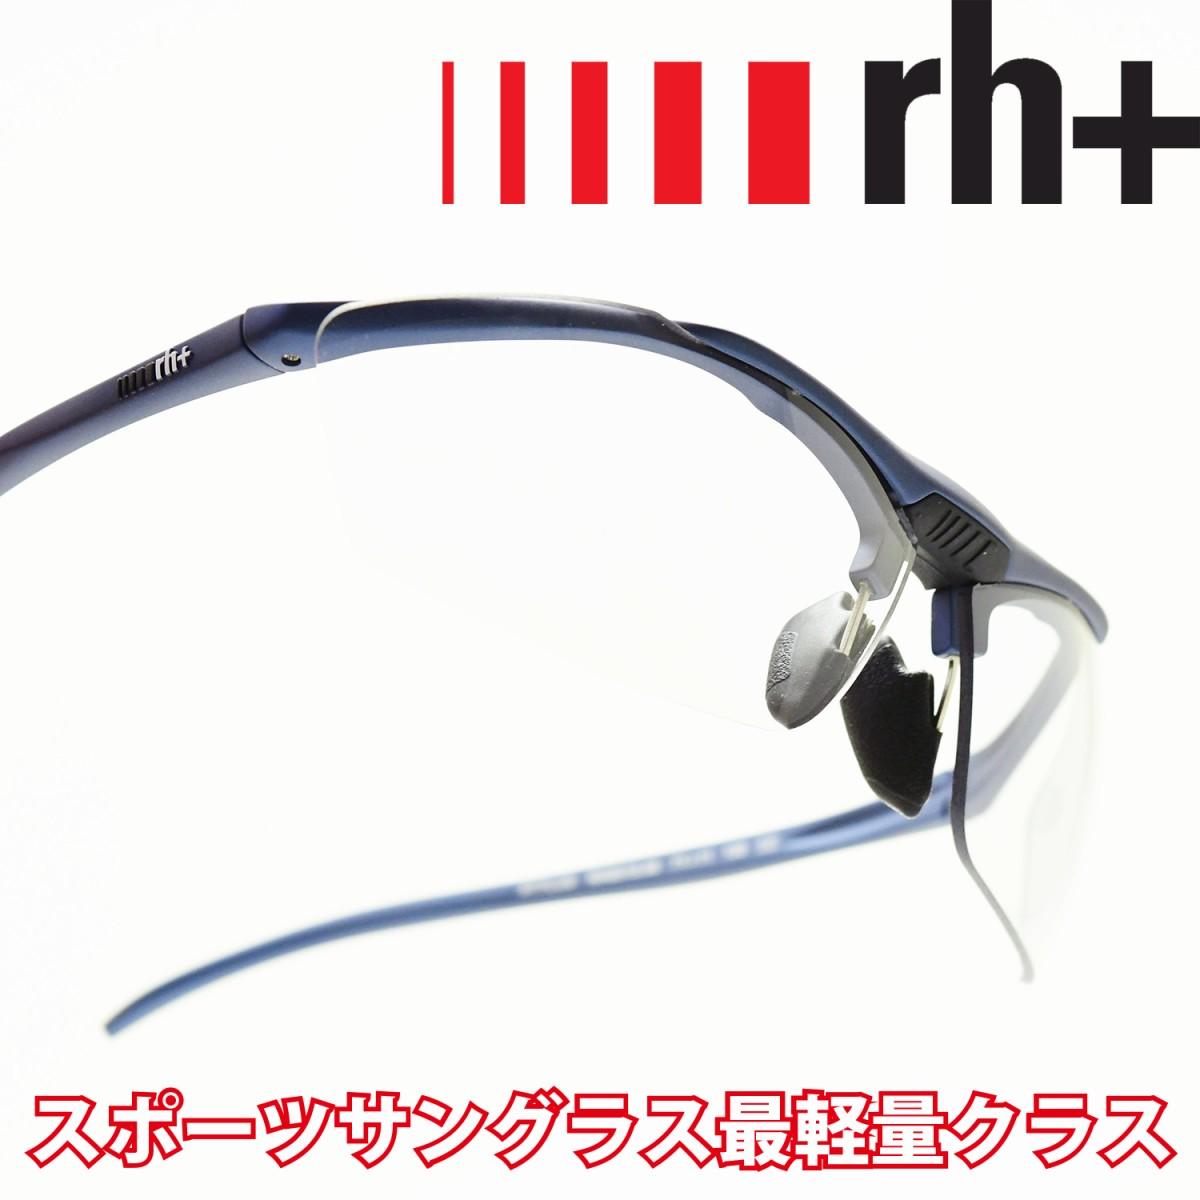 ZEROrh+ ゼロアールエイチプラスSTYLUS スティルス RH851S60 NXT SOFTメガネ 眼鏡 めがね メンズ レディース おしゃれ ブランド 人気 おすすめ フレーム 流行り 度付き レンズ サングラス スポーツ 調光